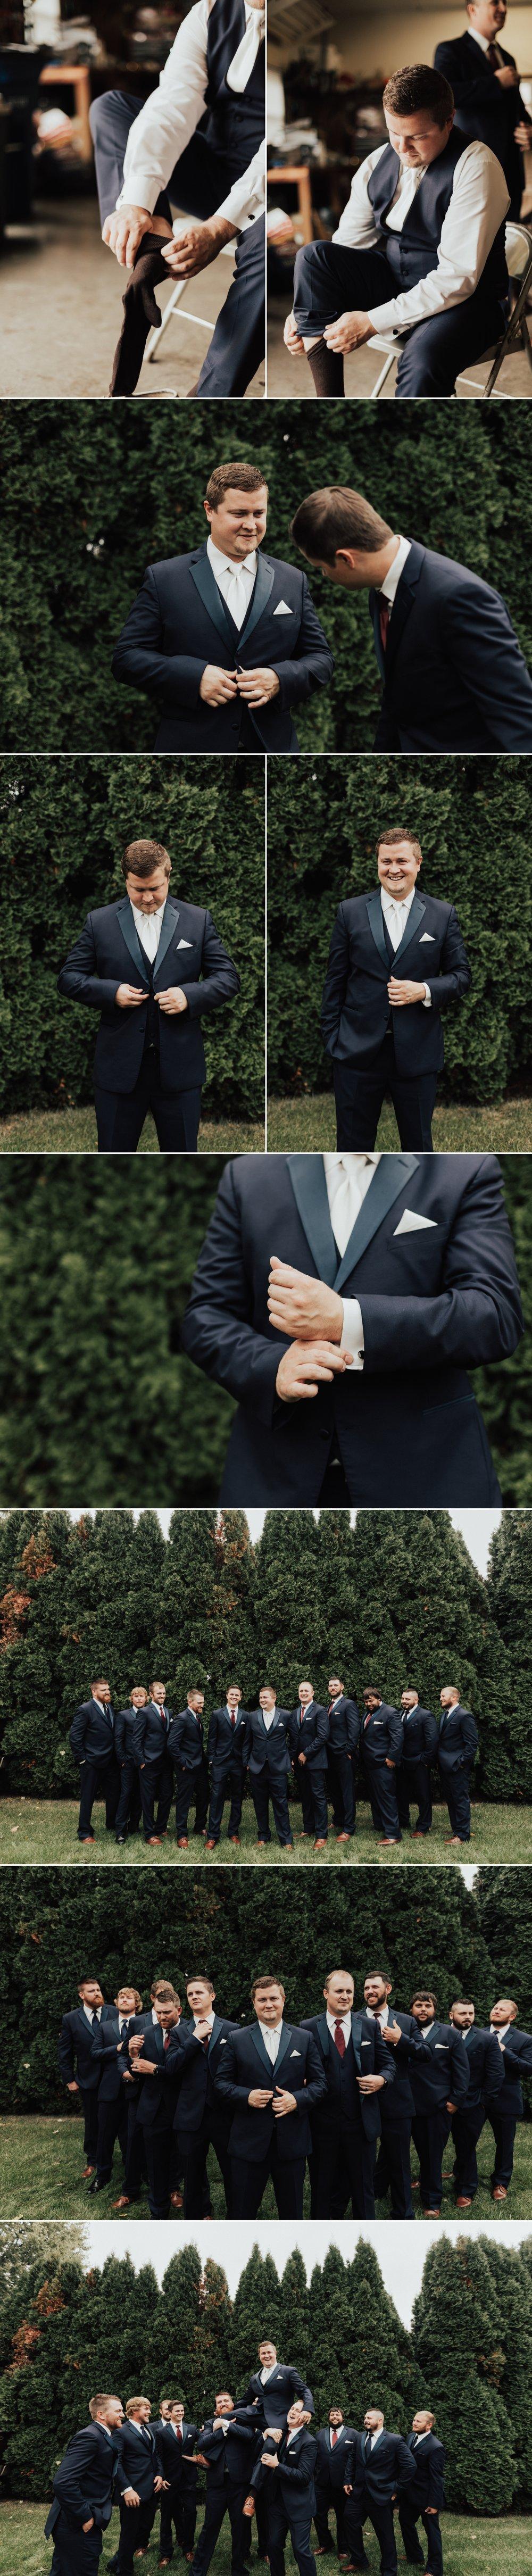 The Horberg Collage 6.jpg